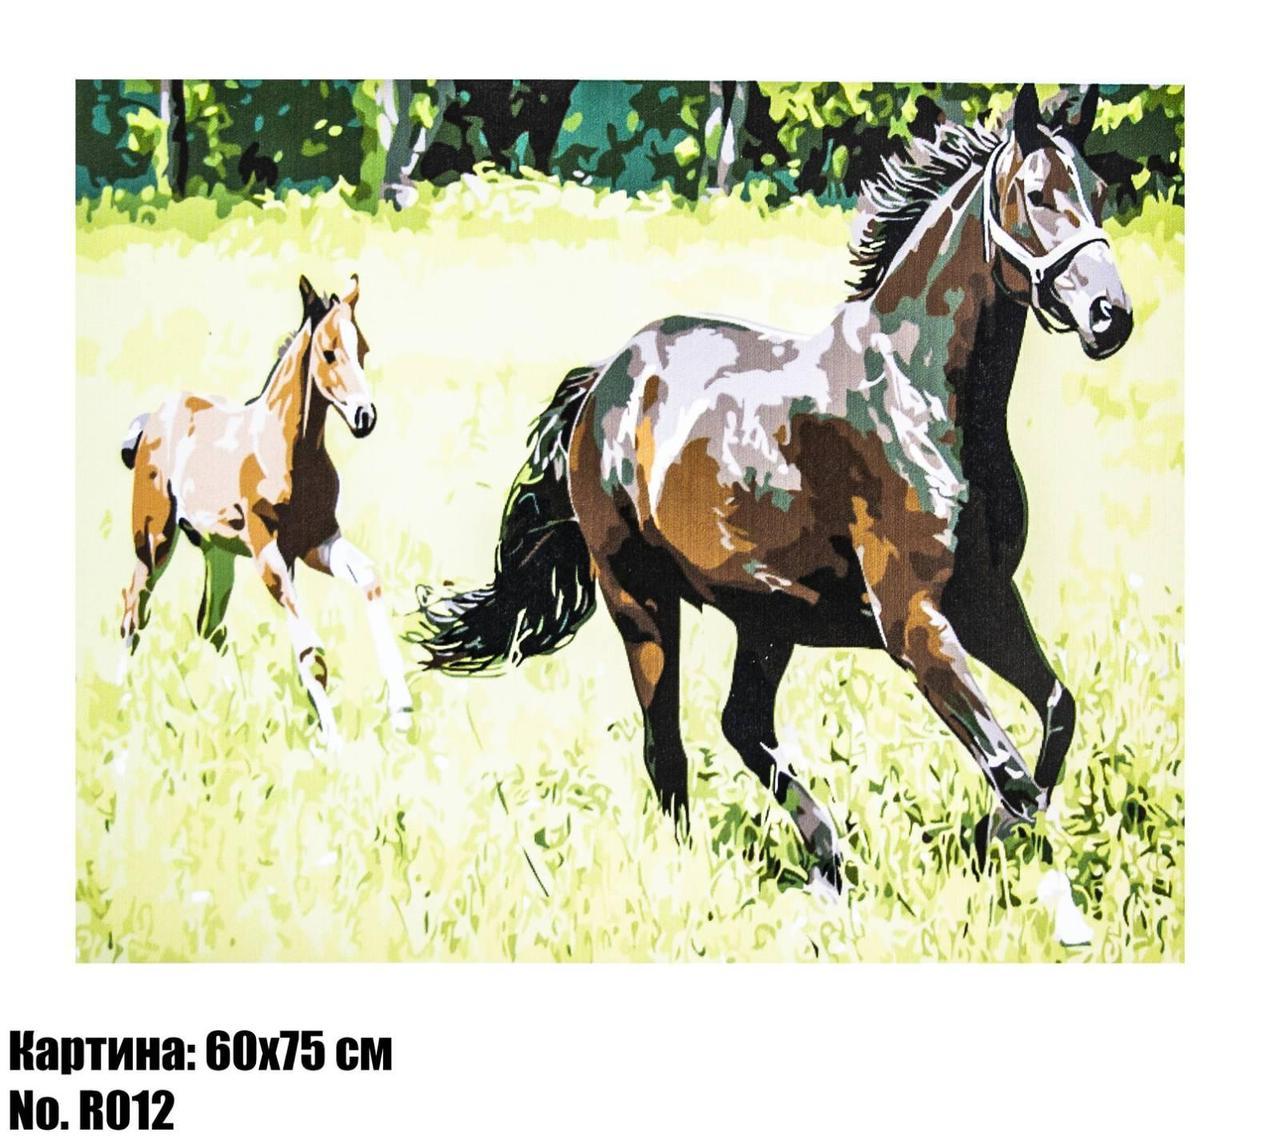 """Картина по номерам """"Лошади"""" размер 60 х 75 см, код R012"""